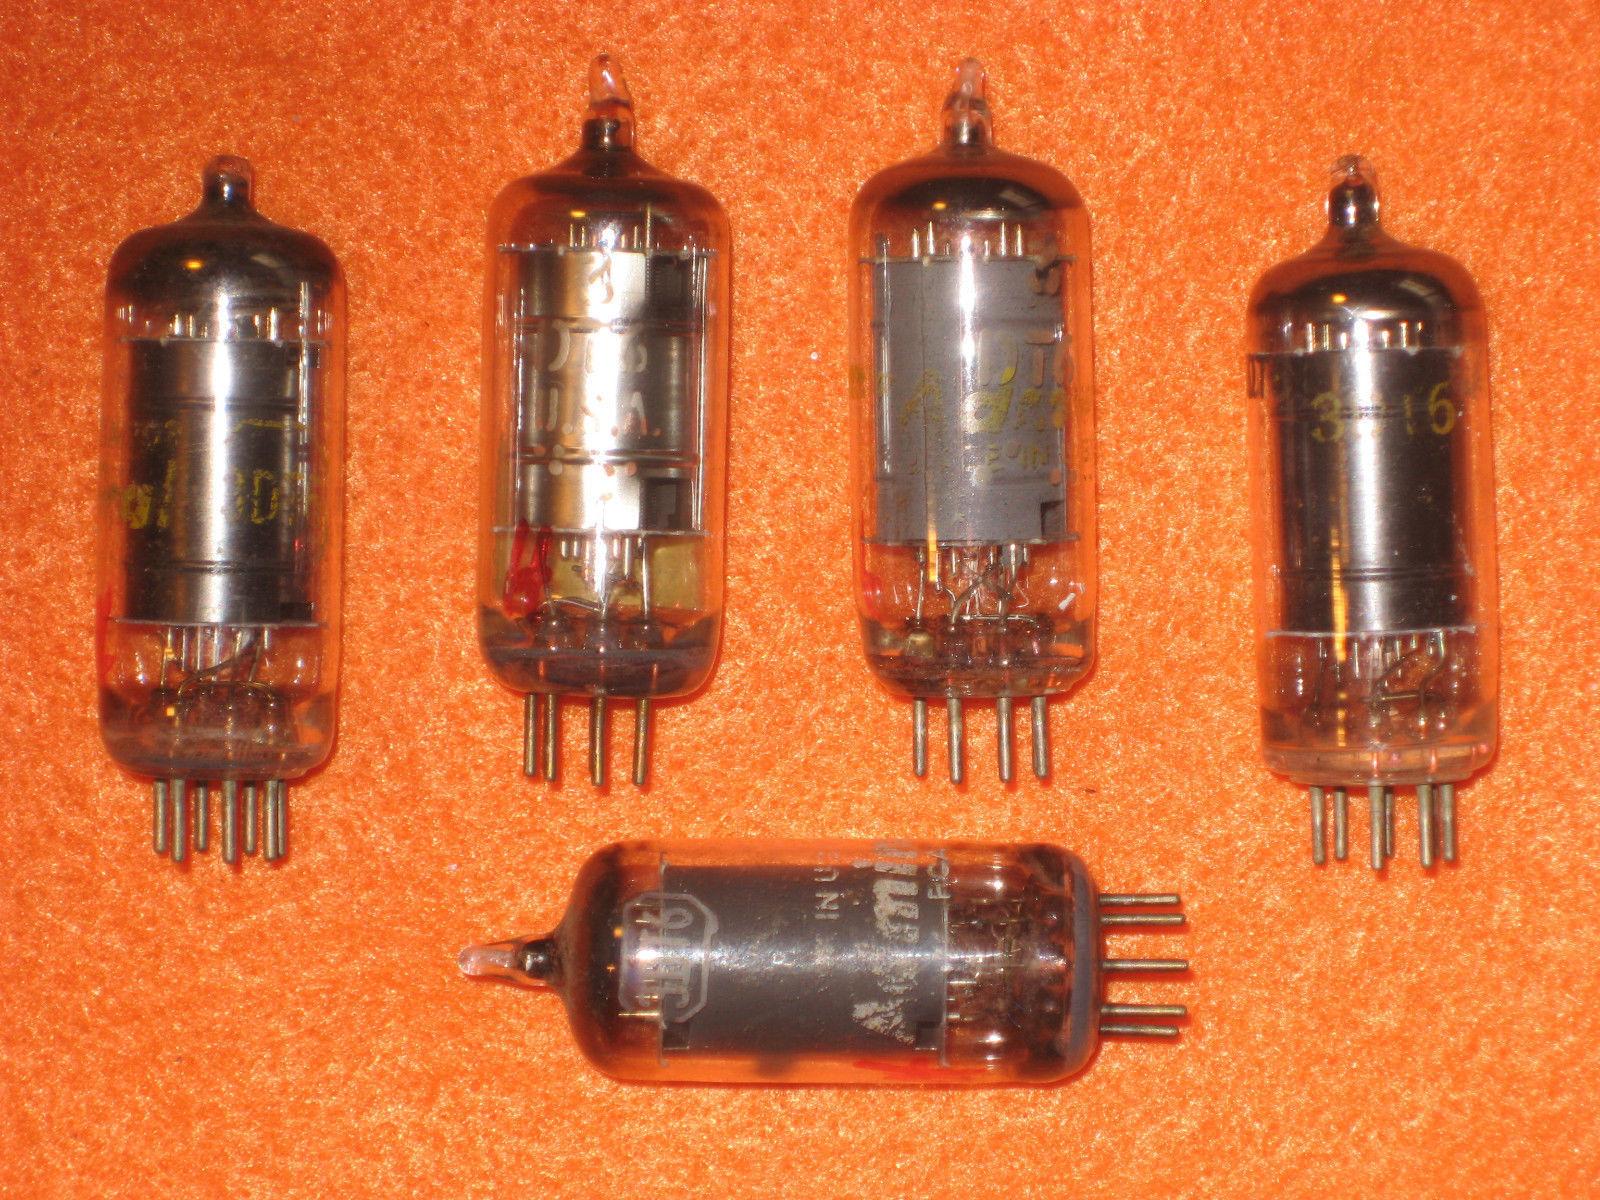 Vintage Radio Vacuum Tube (one): 3DT6 - Tested Good